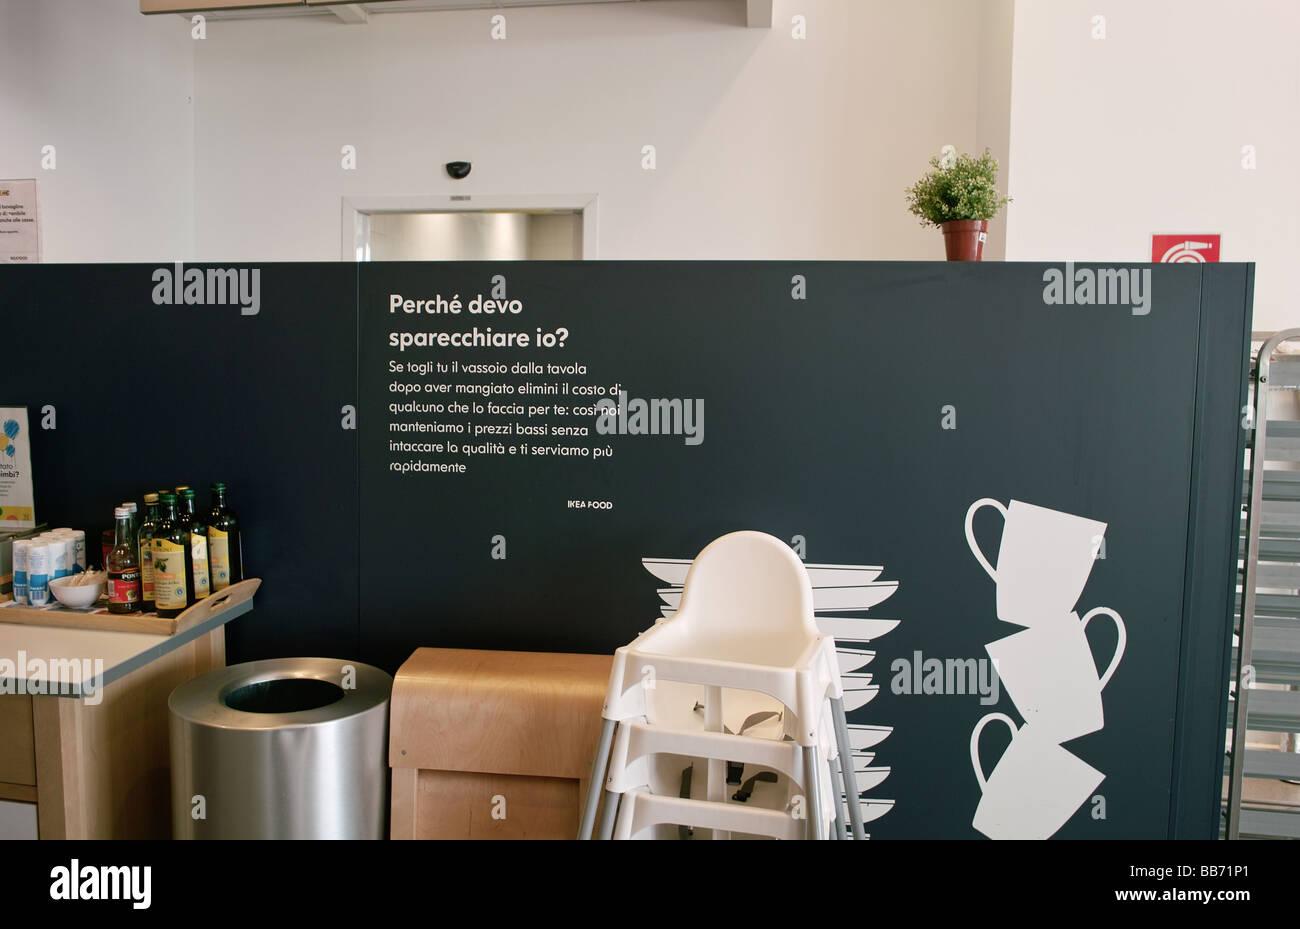 Ikea Italy Stock Photos Ikea Italy Stock Images Alamy